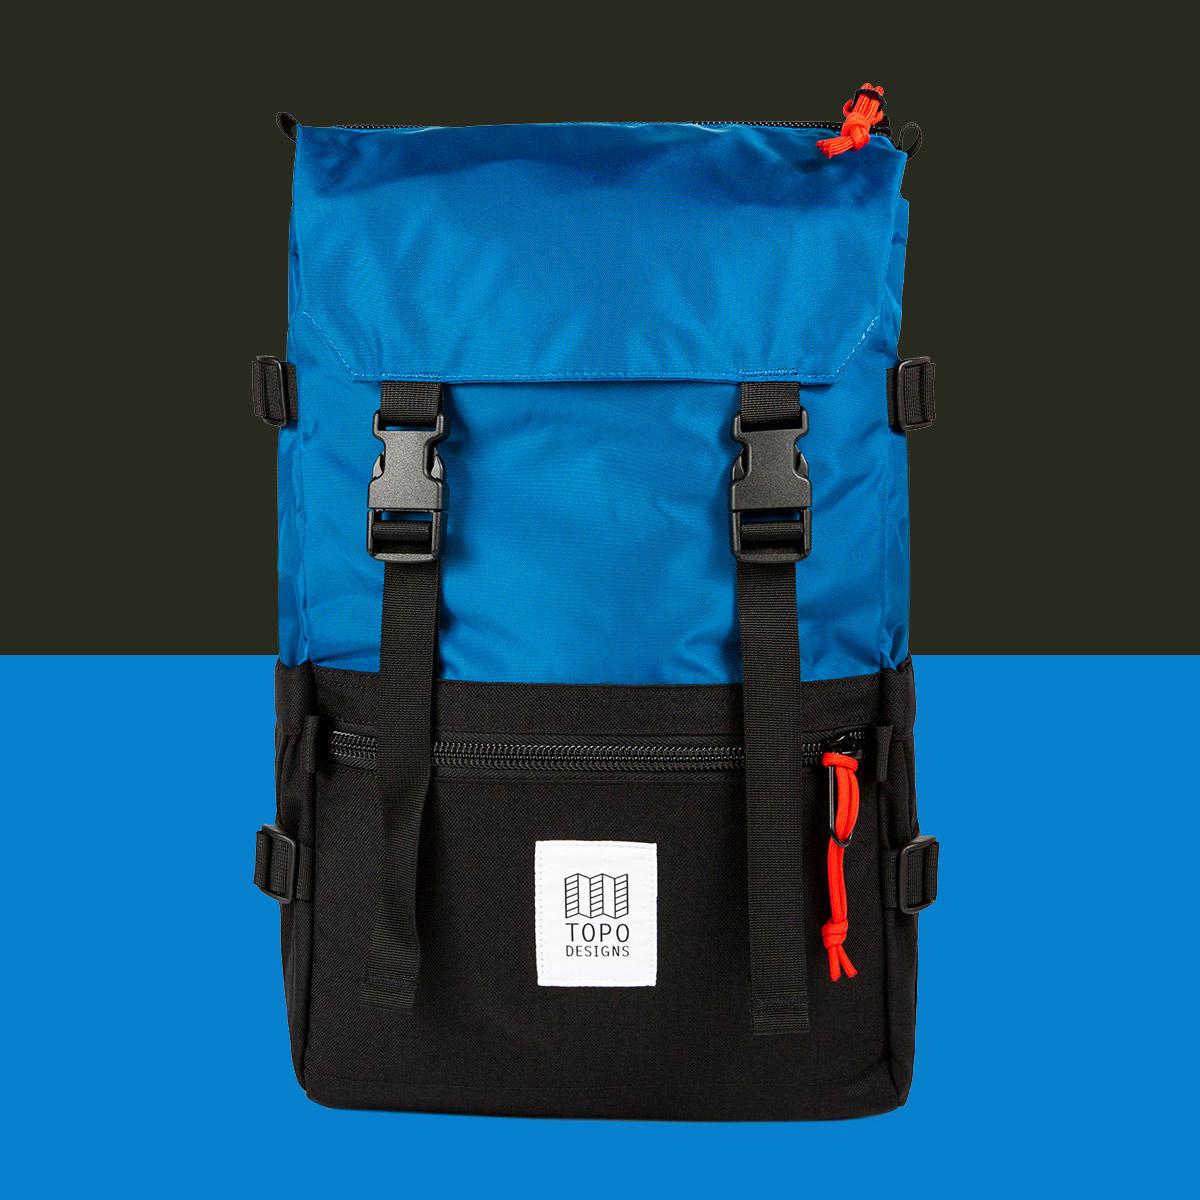 Topo Designs Rover Pack Classic Blue/Black, zeitloses Styling und robuster Rucksack mit tollen Funktionalitäten